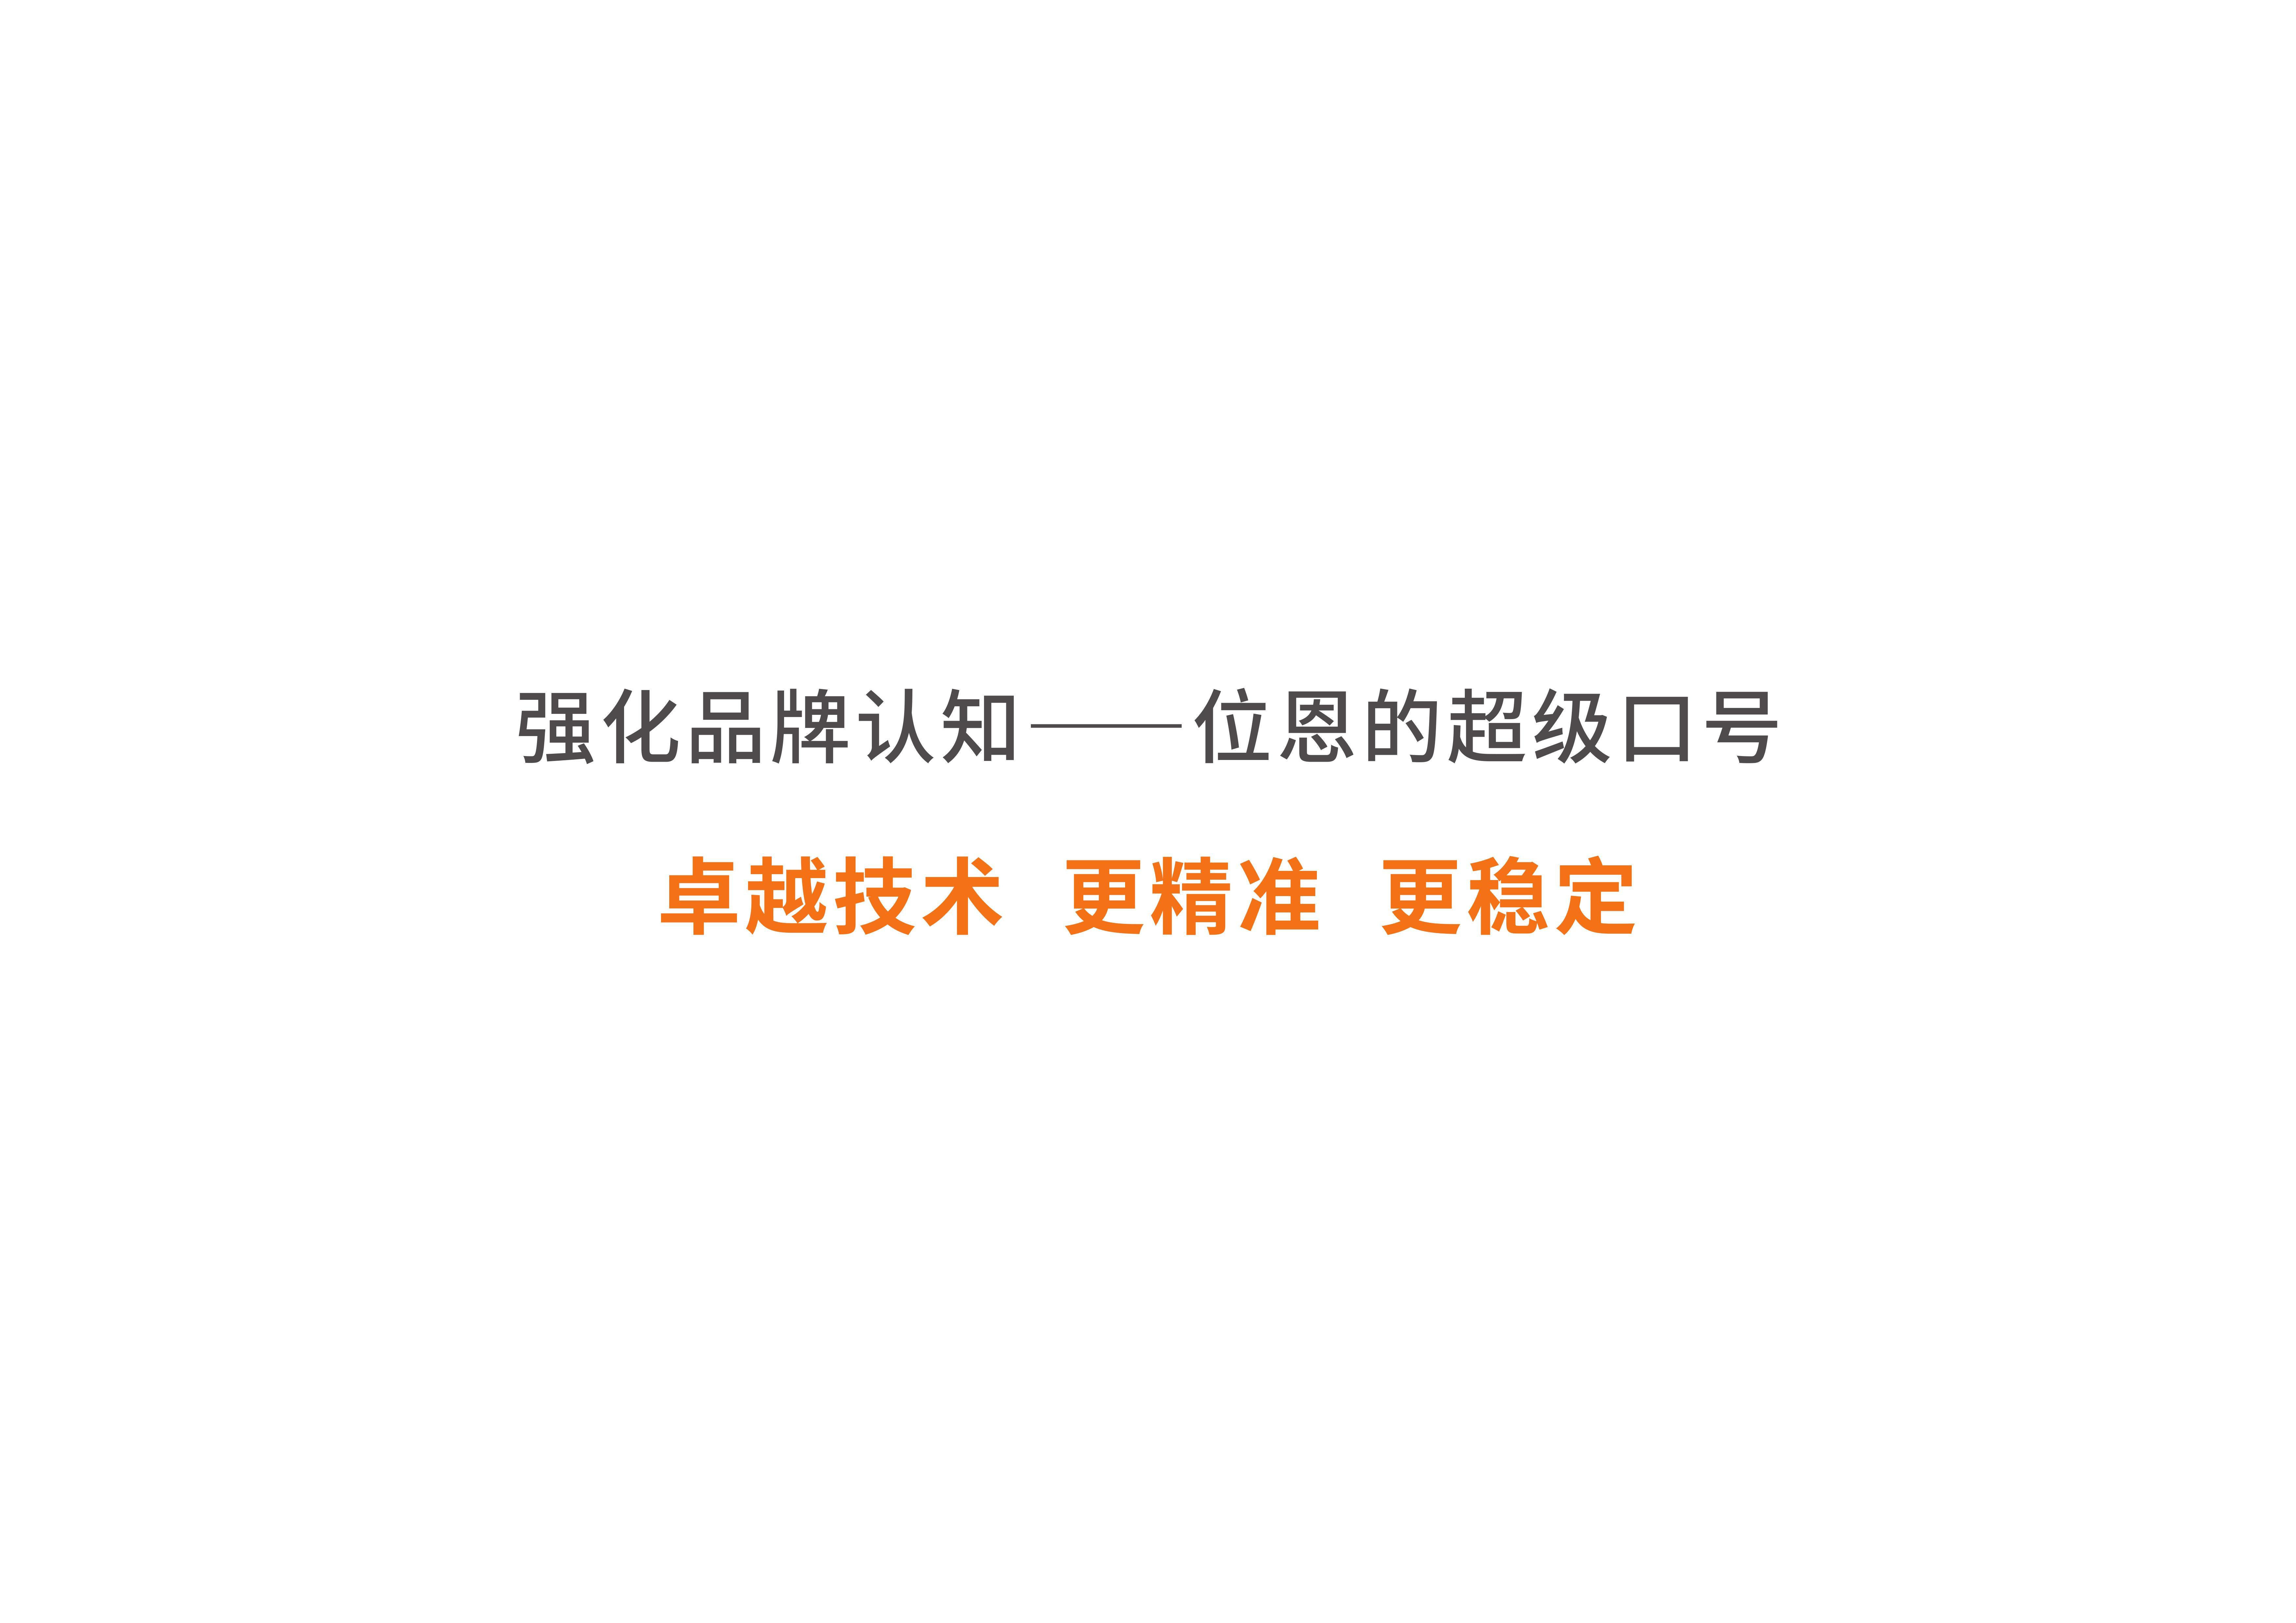 位恩logo提案_14.jpg